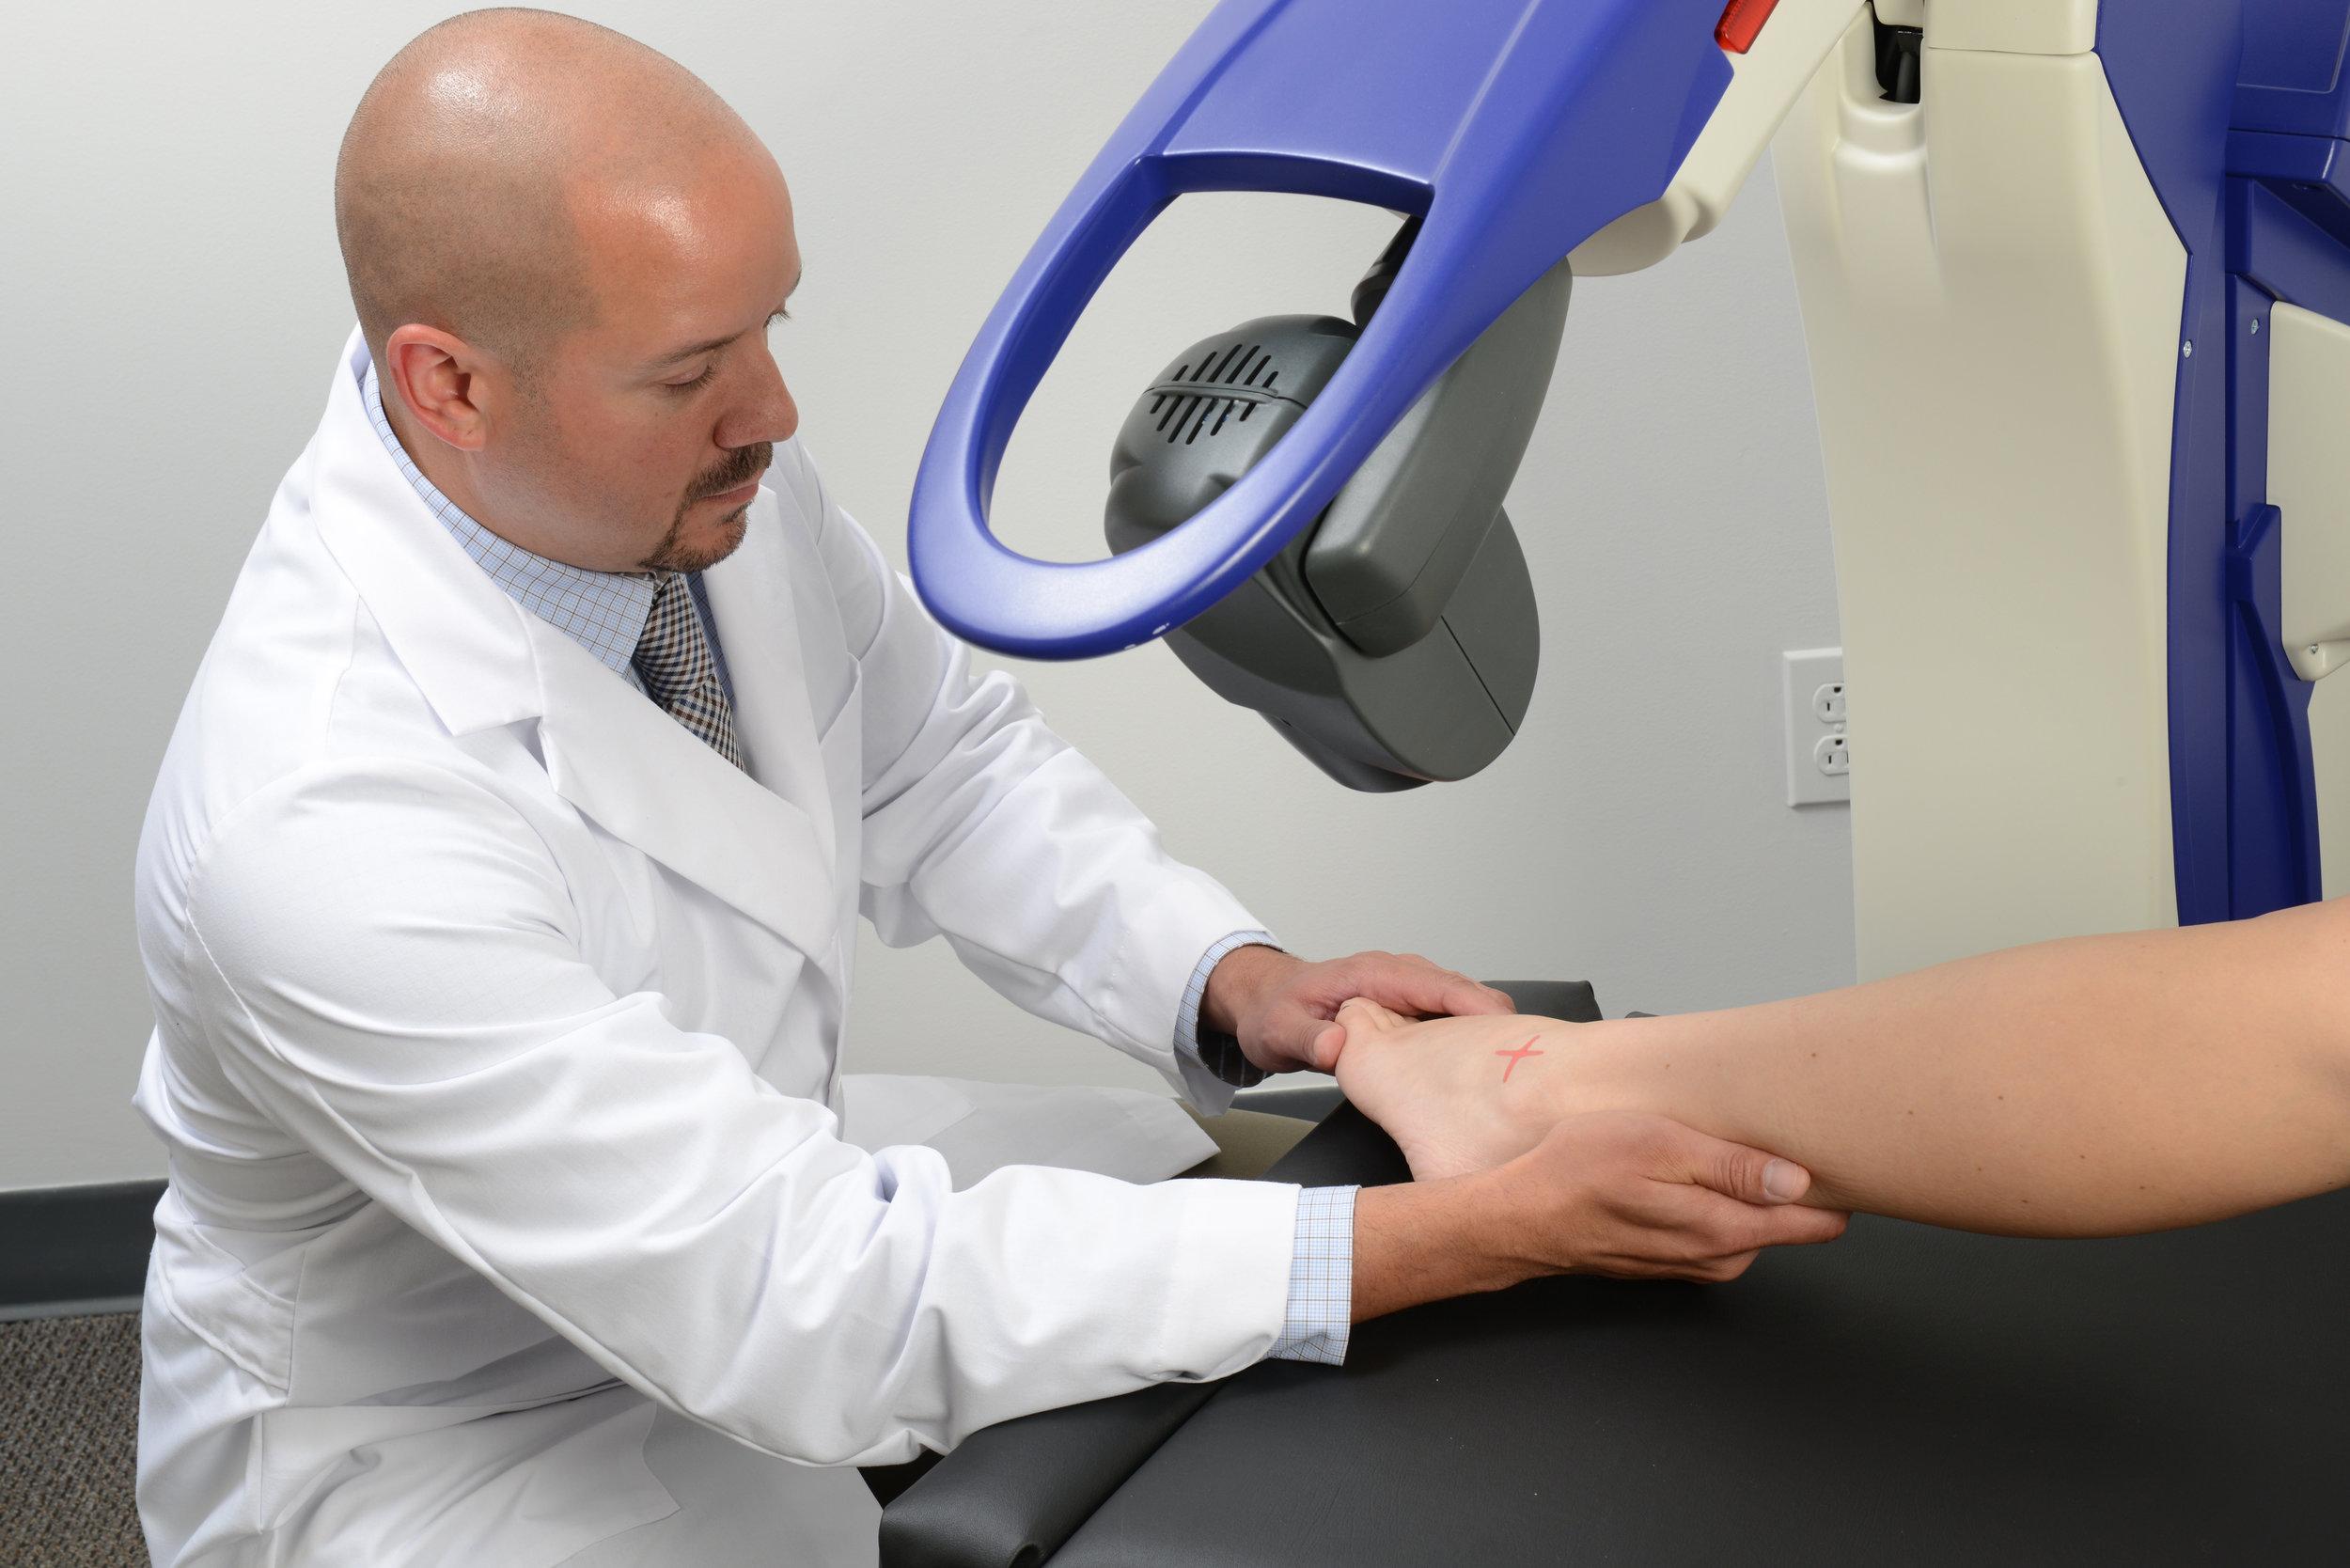 LAS-Laser-Therapy2.jpg